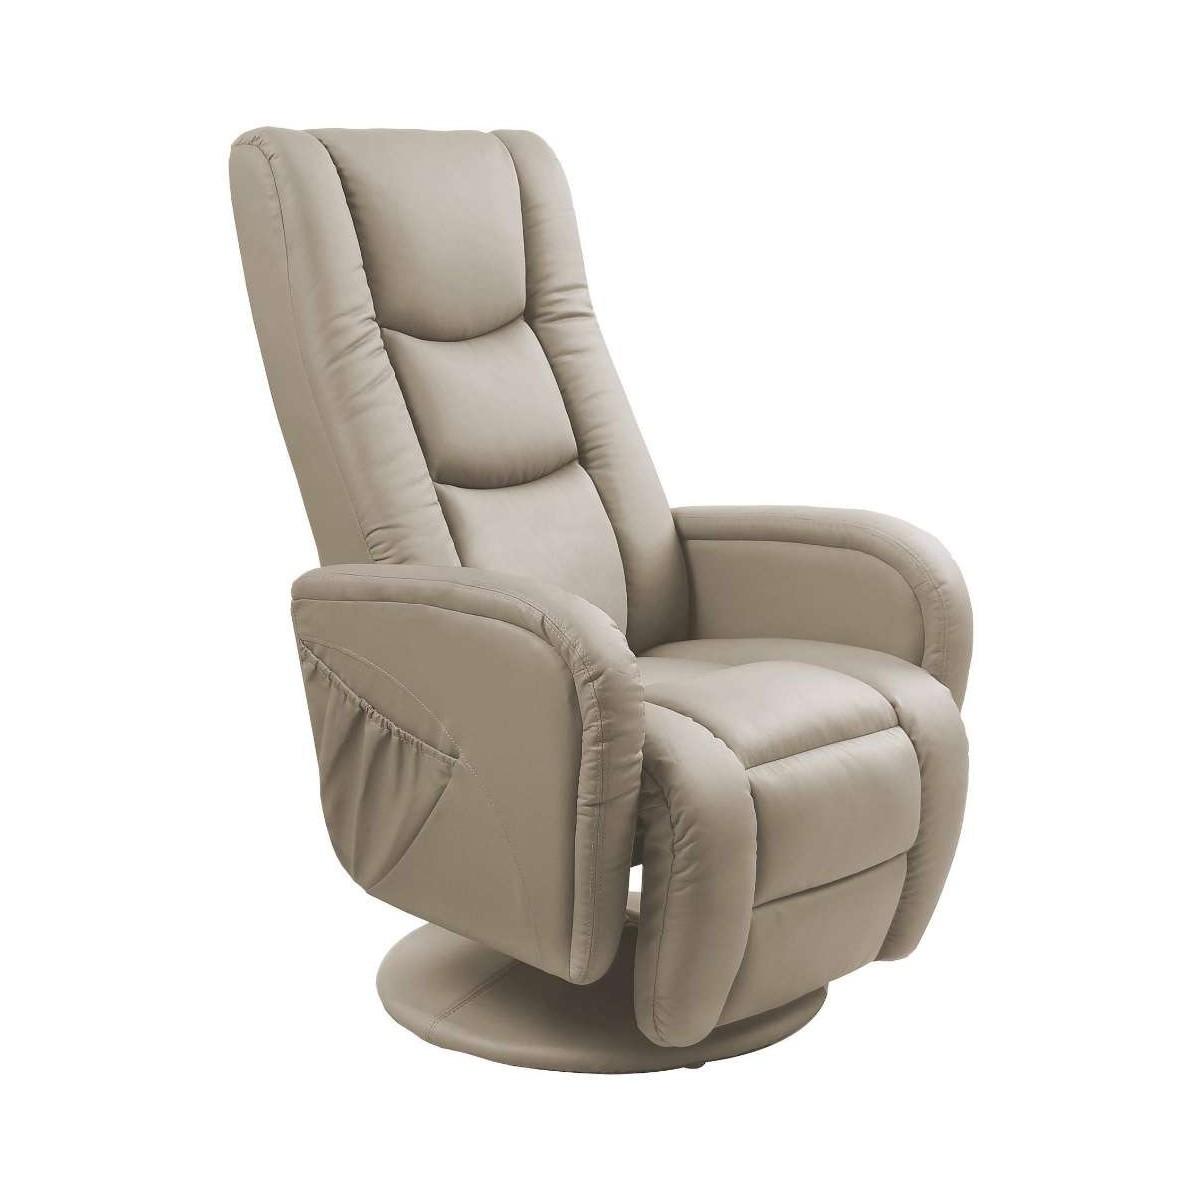 Pulsar cappucino fotel rozkładany z funkcją masażu i podgrzewania